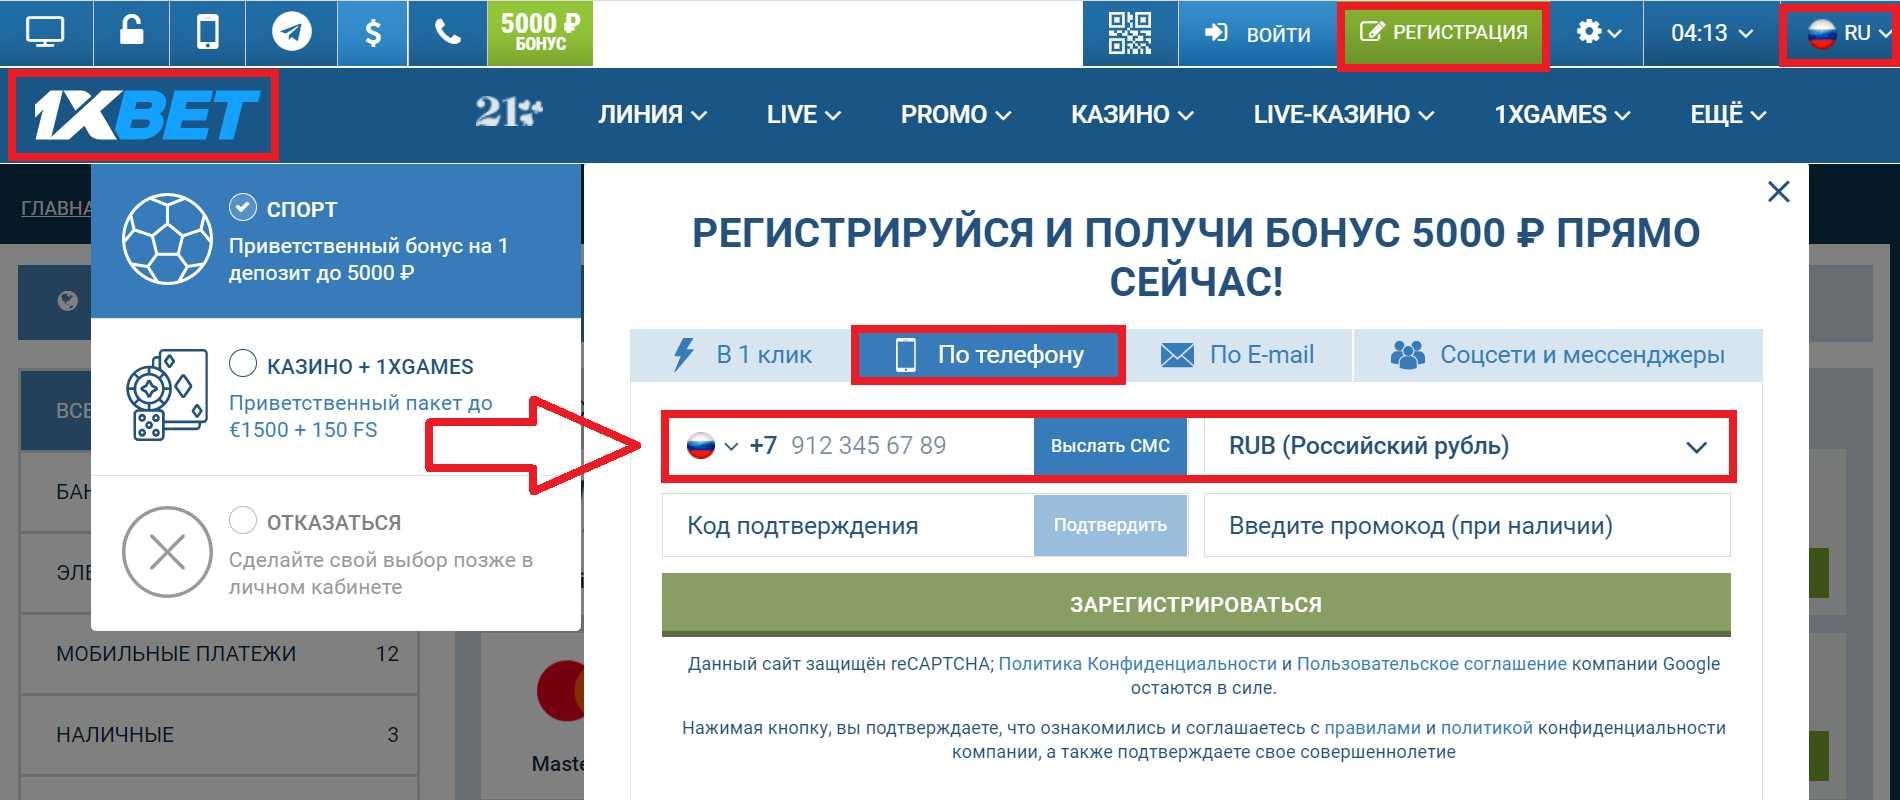 Регистрация в букмекерской компании 1хБет по номеру телефона